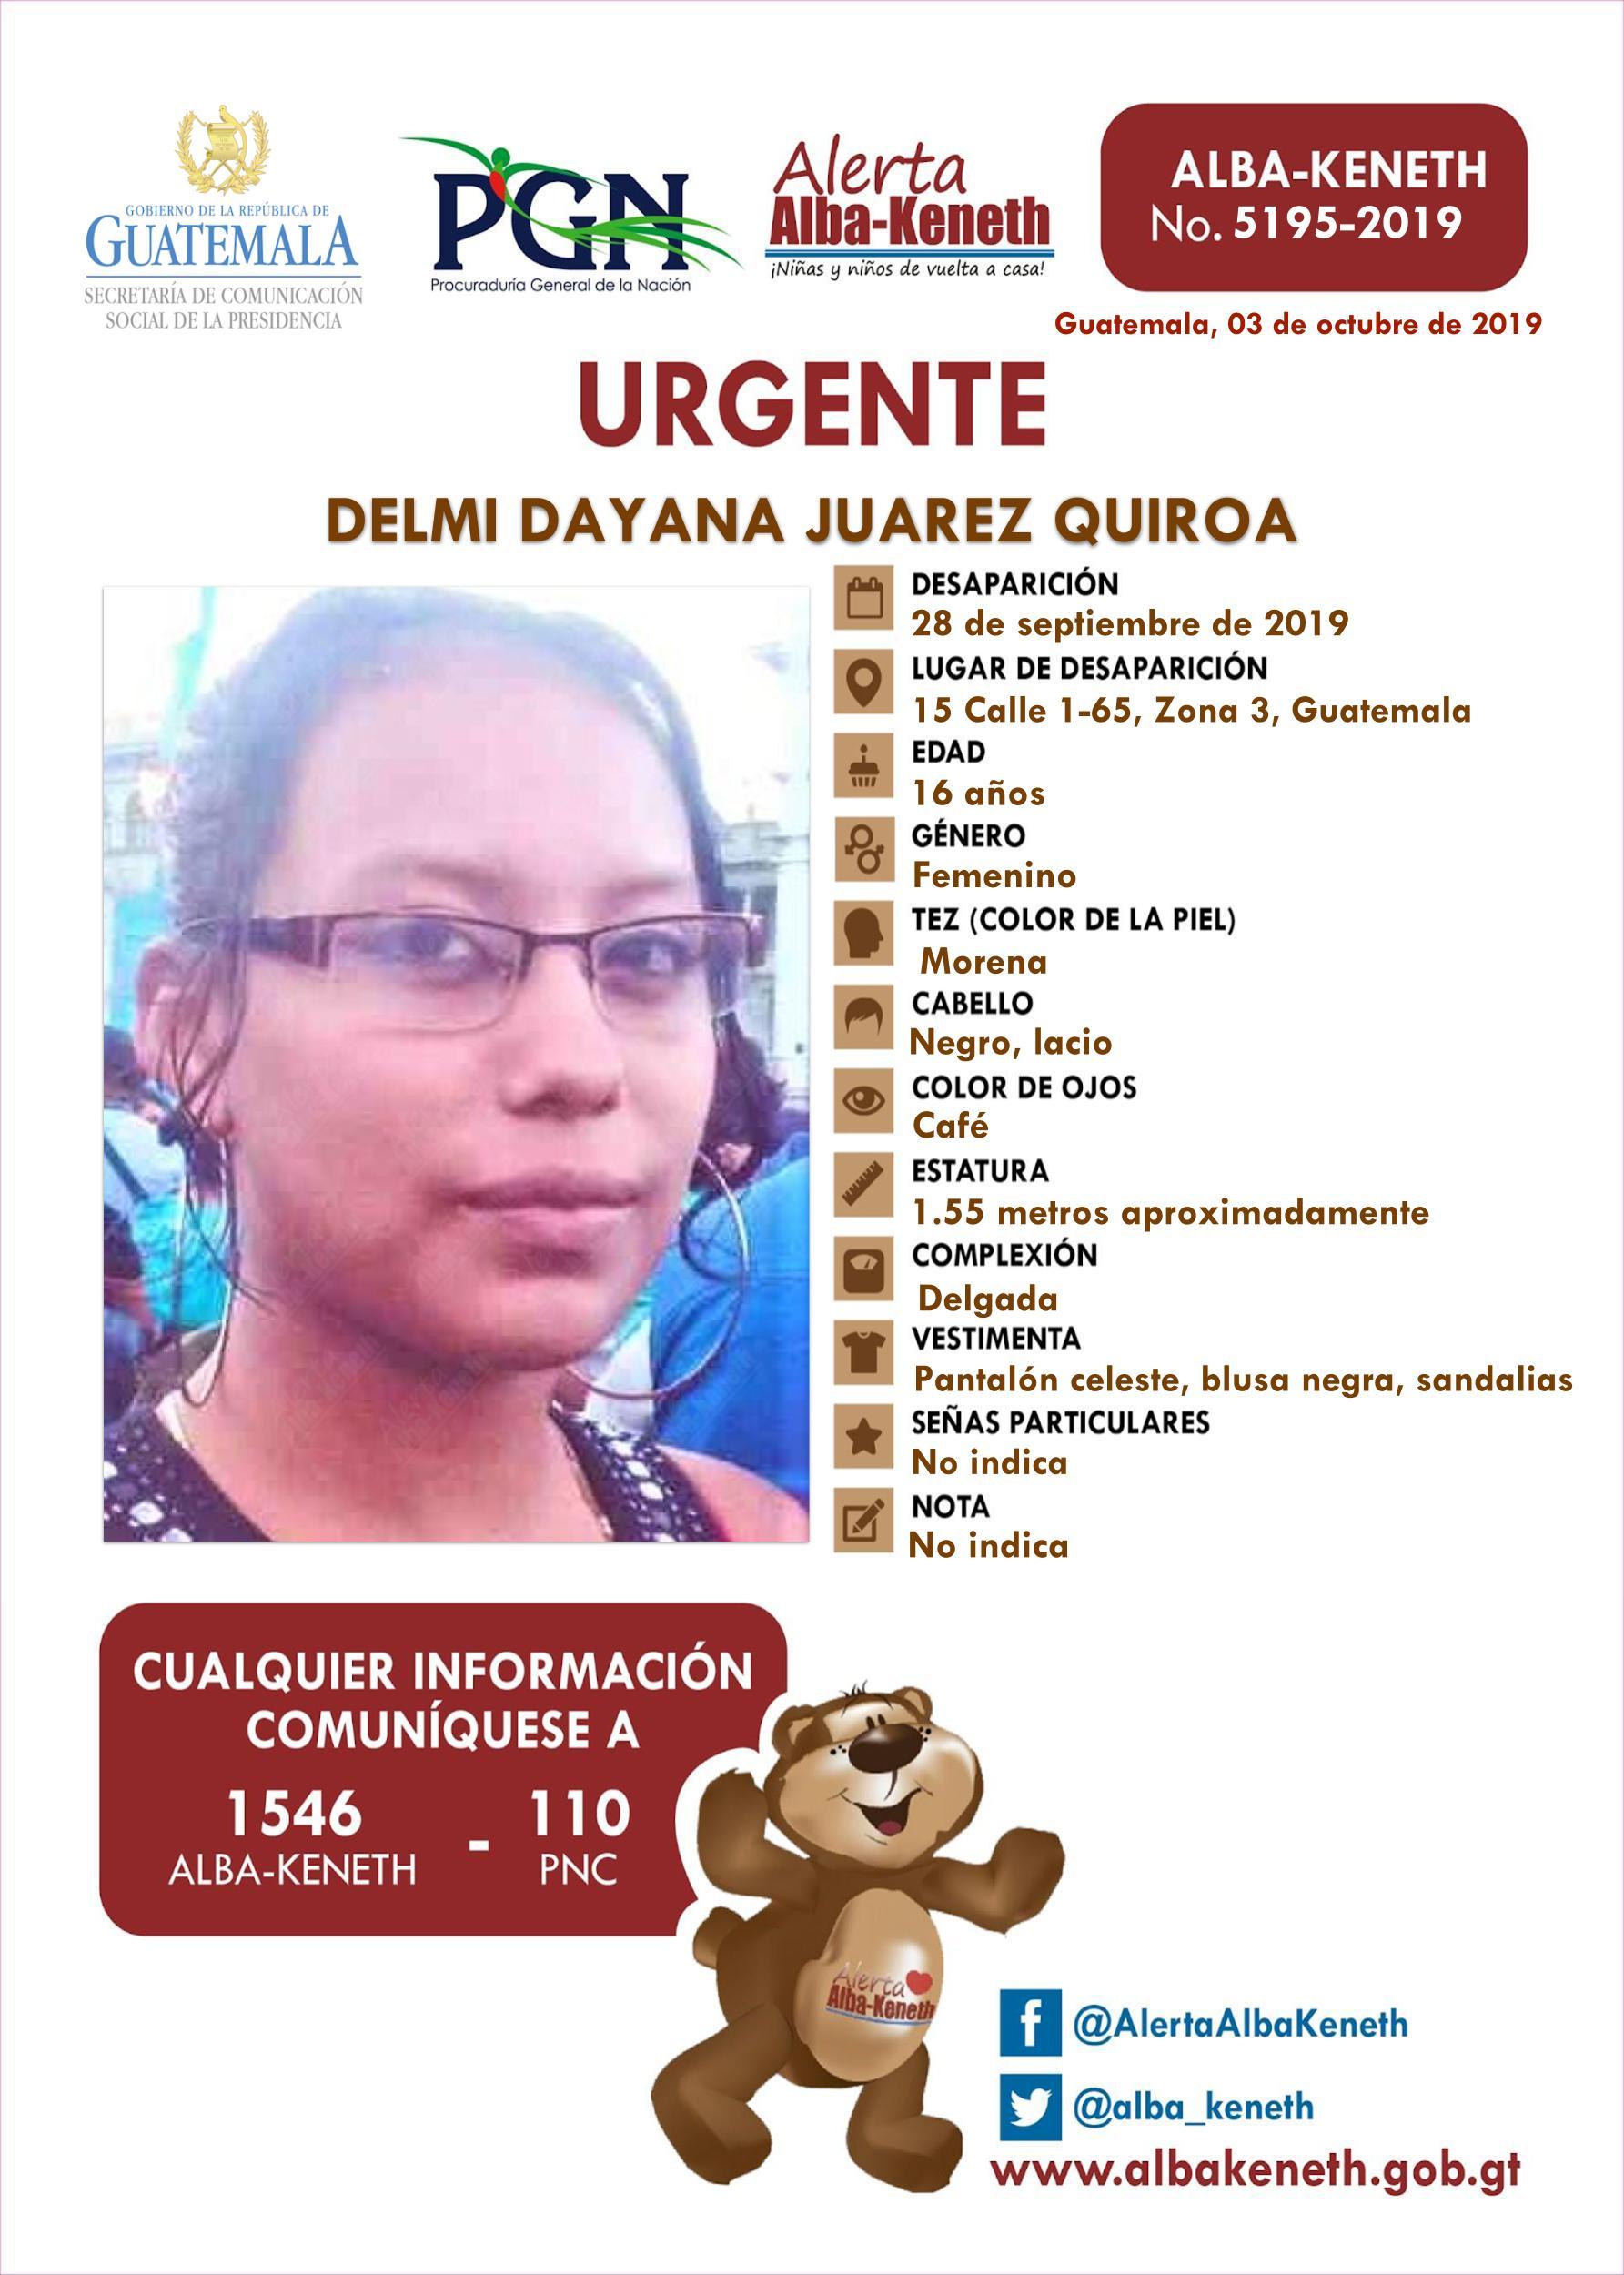 Delmi Dayana Juarez Quiroa